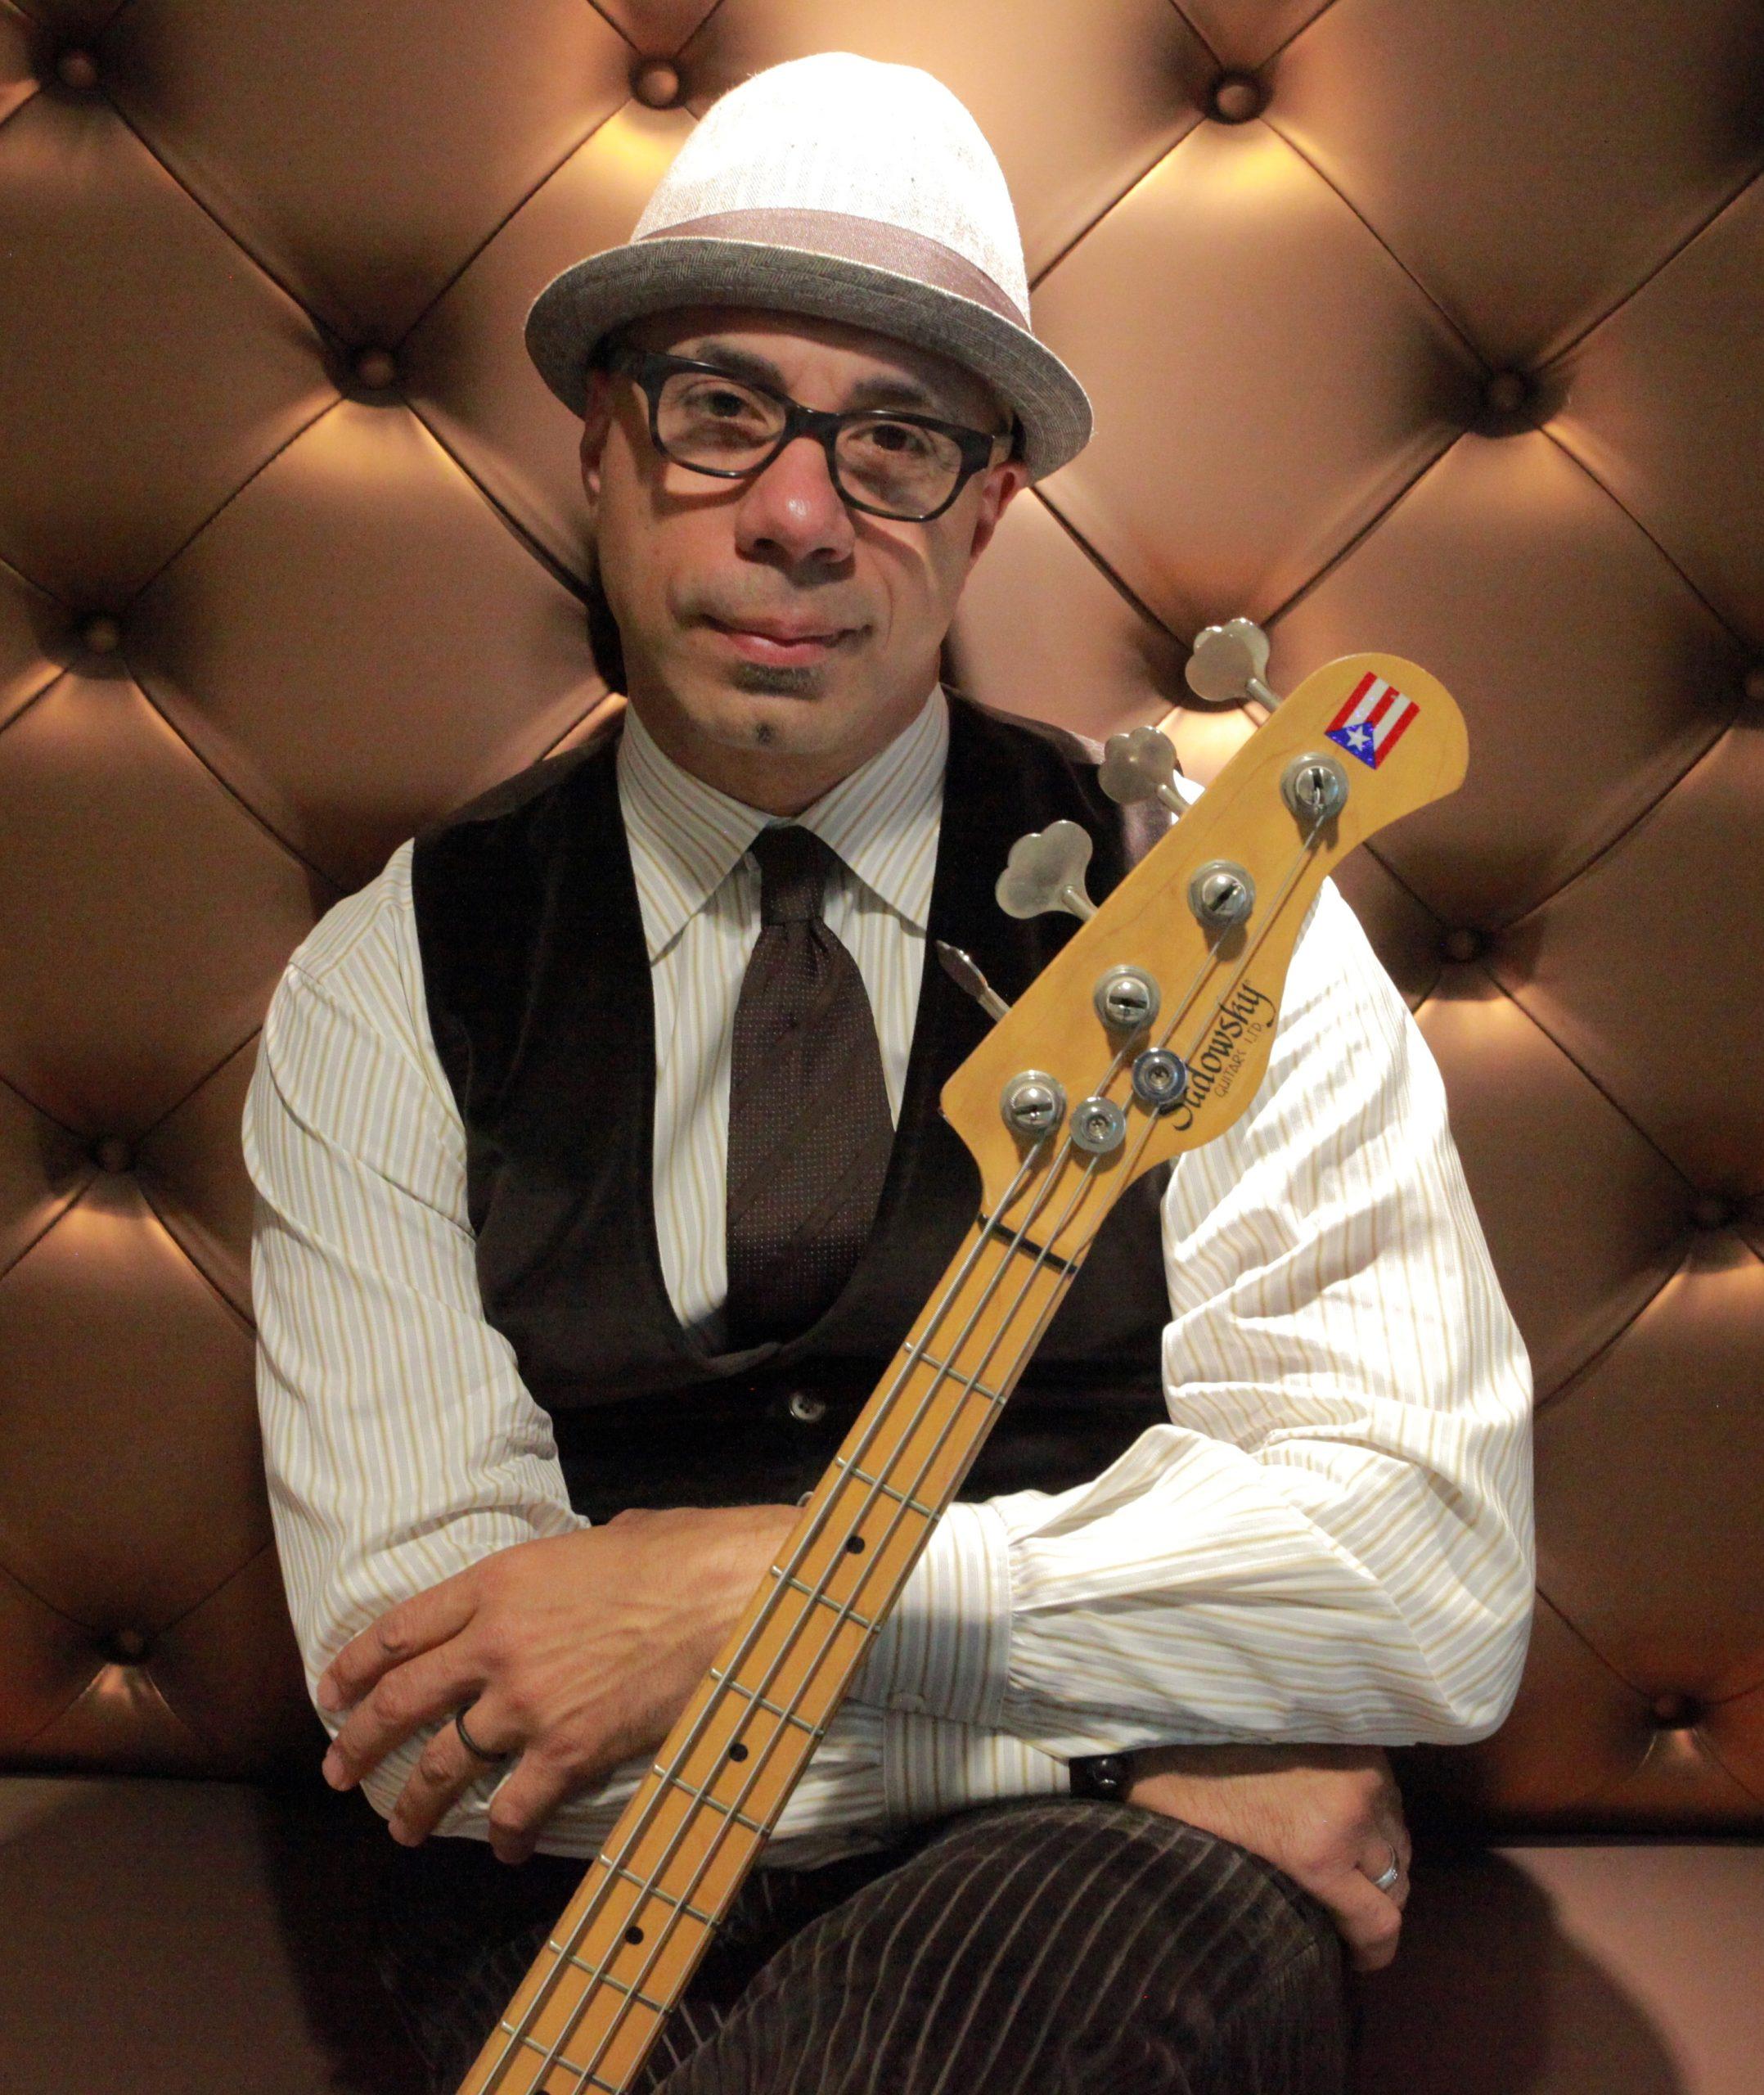 En la ciudad de Los Angeles el músico boricua se encuentra sumamente activo en talleres que ofrece a la juventud. (Foto suministrada) . (Foto suministrada)